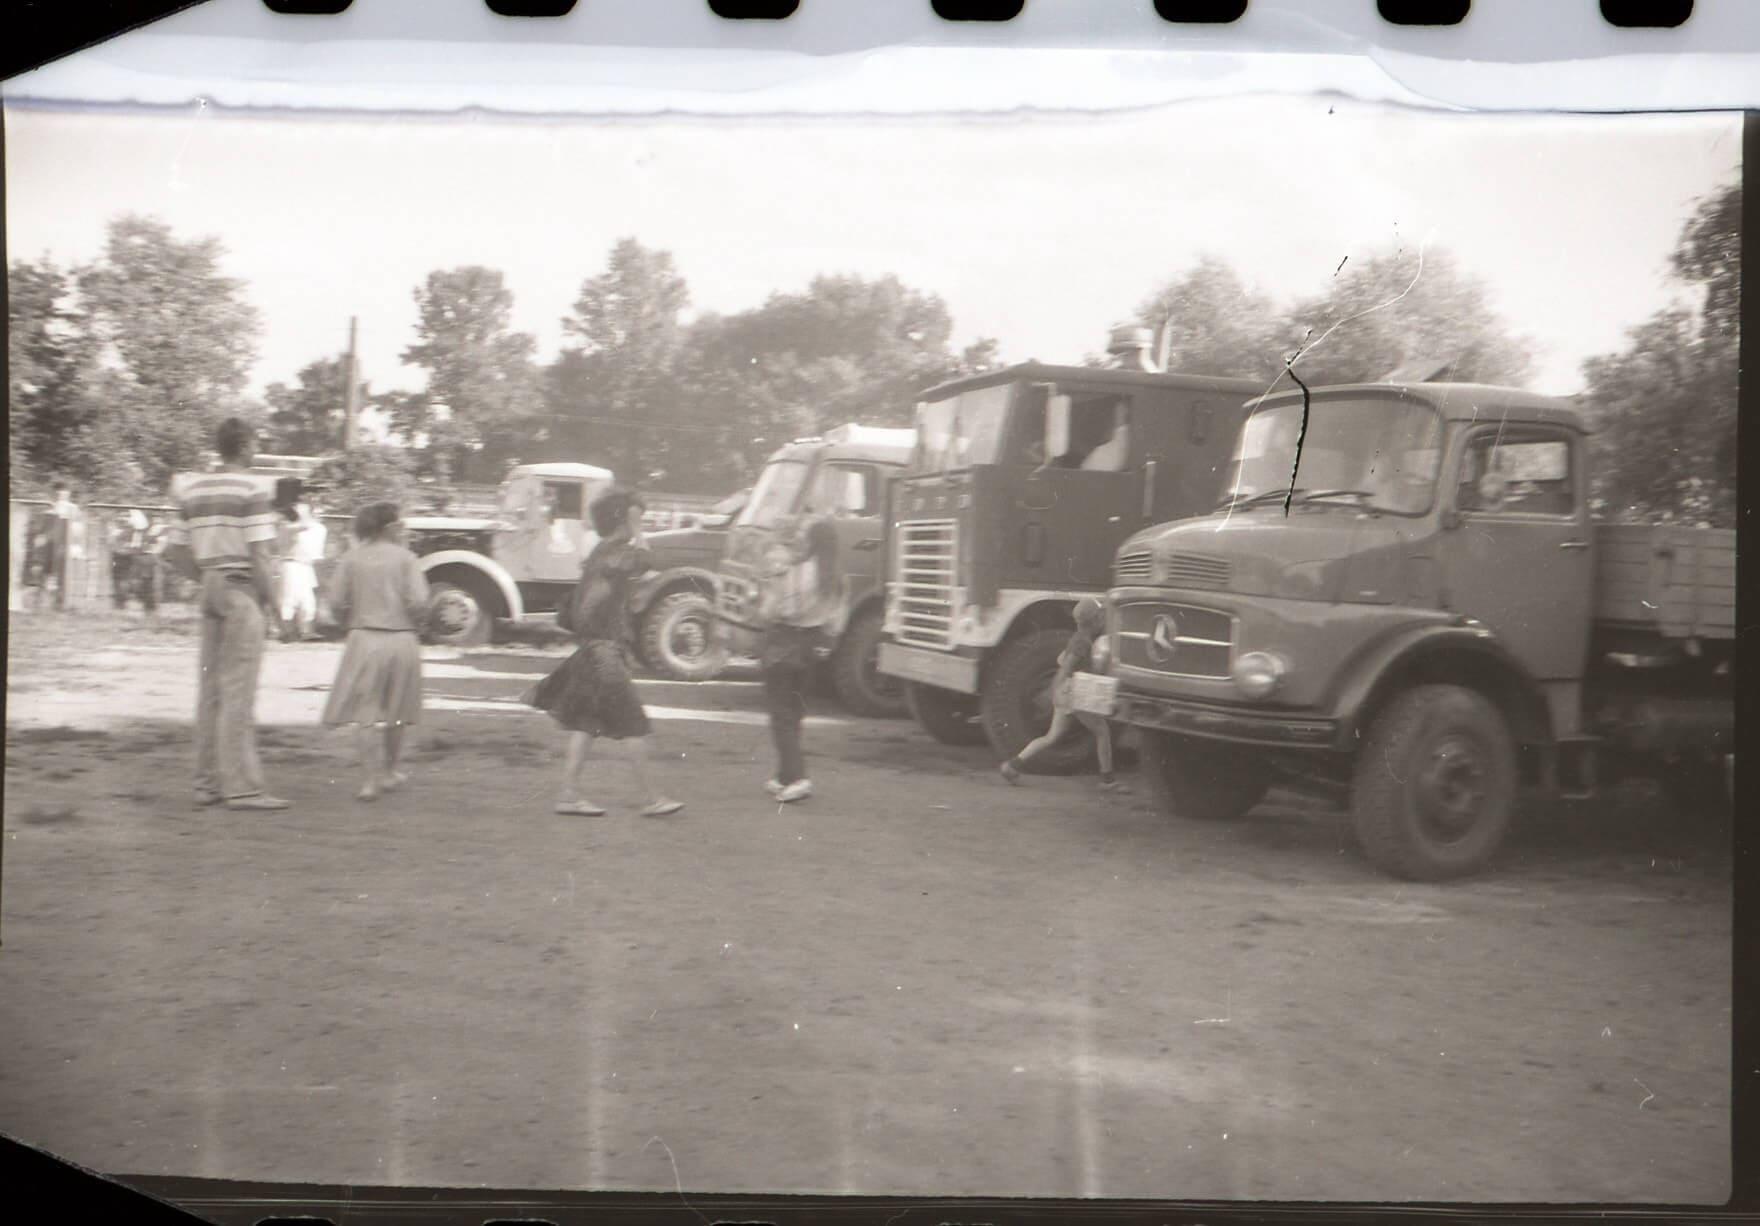 Выставка грузовой автотехники в Минске в советское время